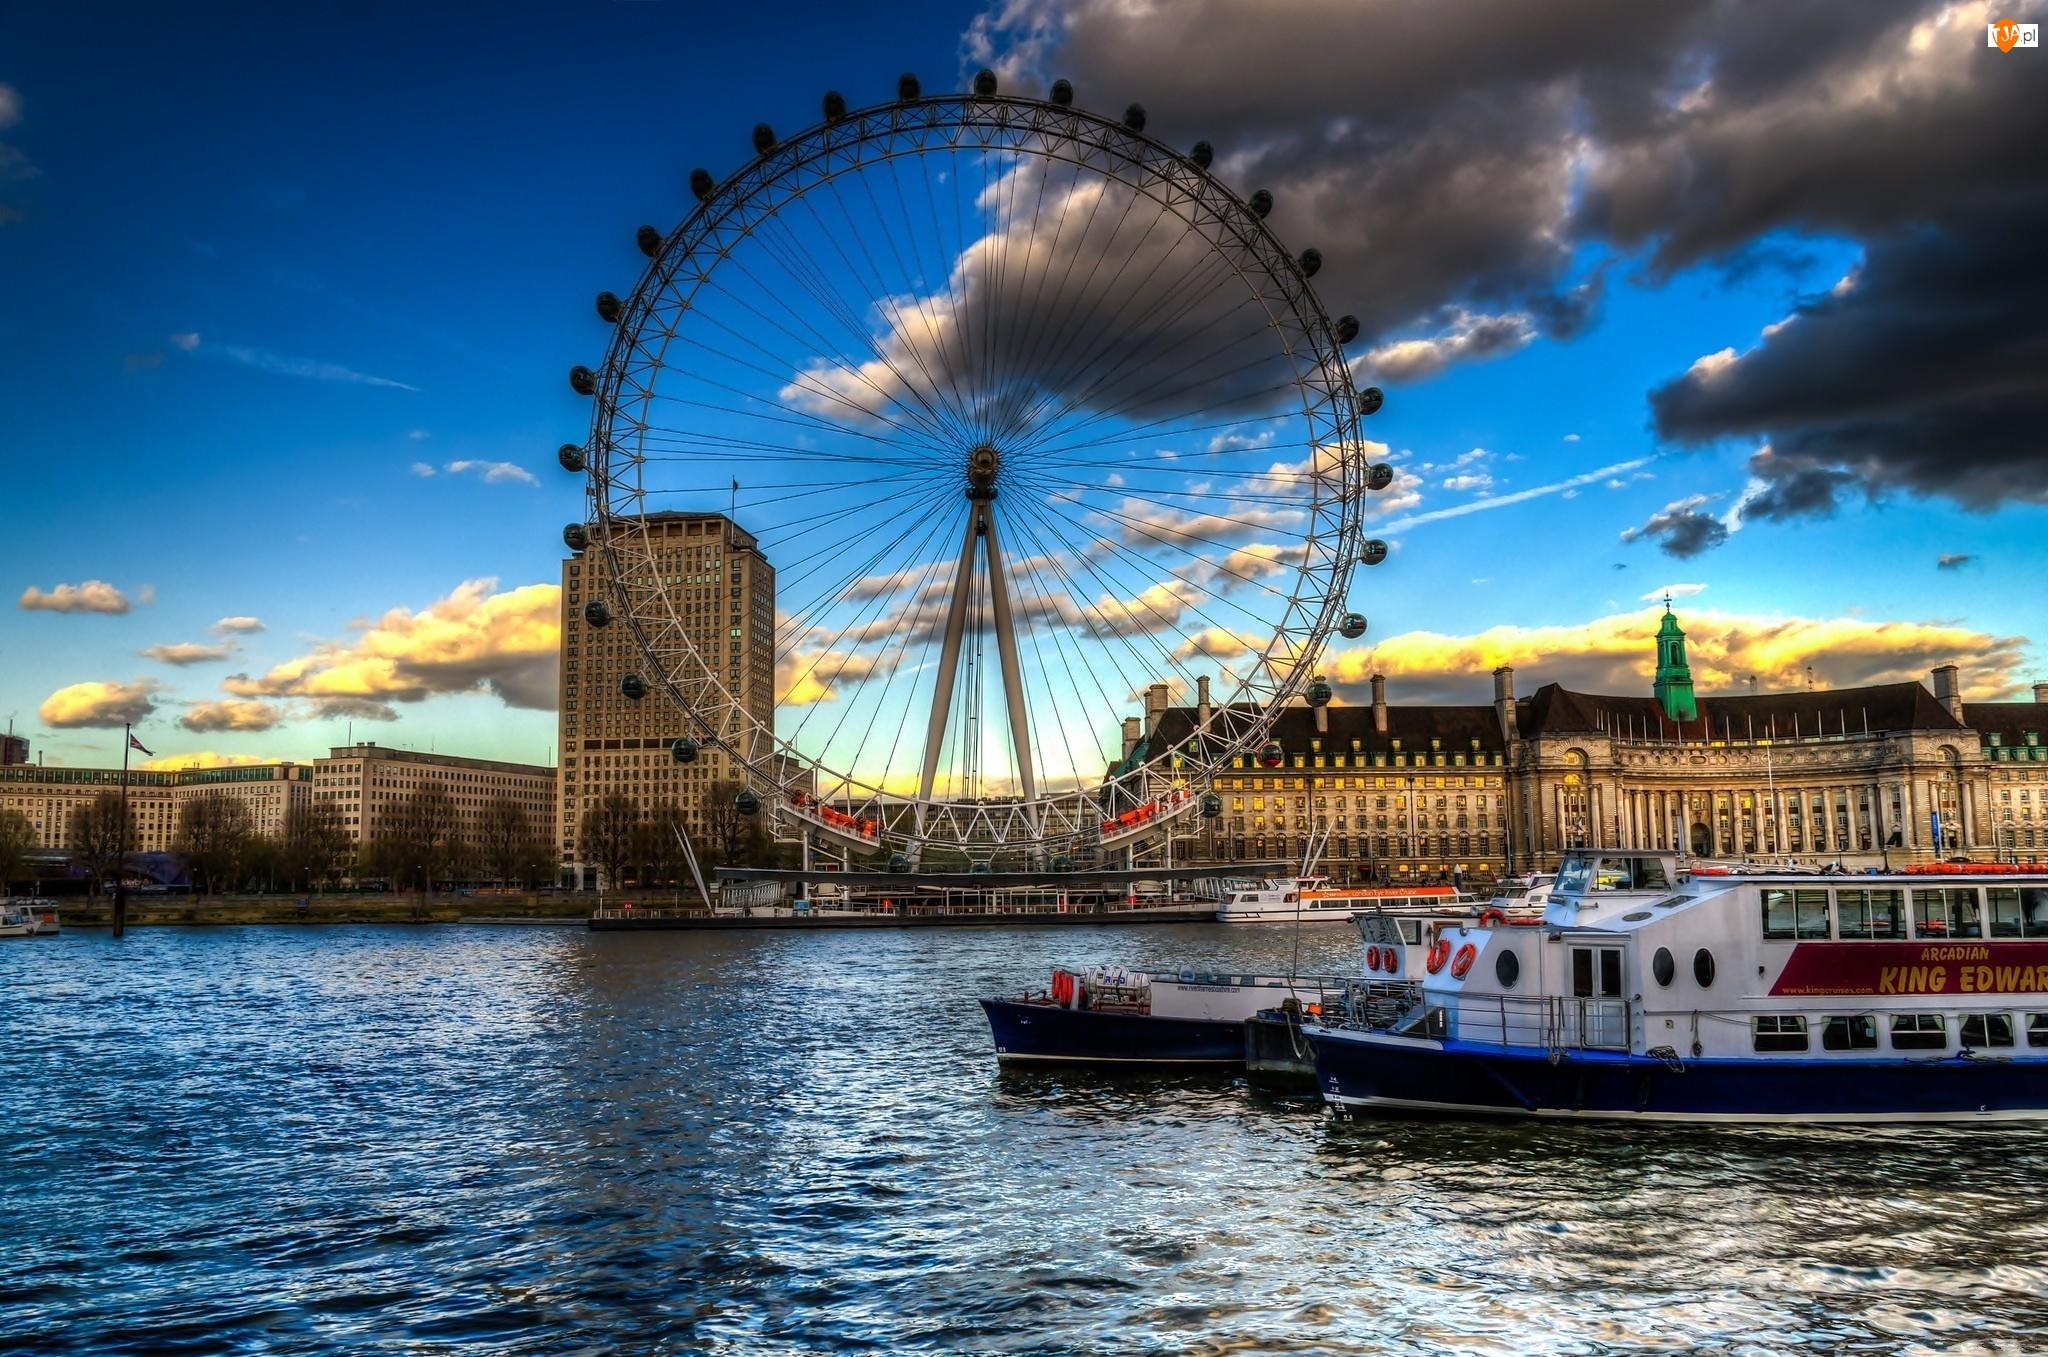 Statki, Londyn, London Eye, Anglia, Tamiza, Chmury